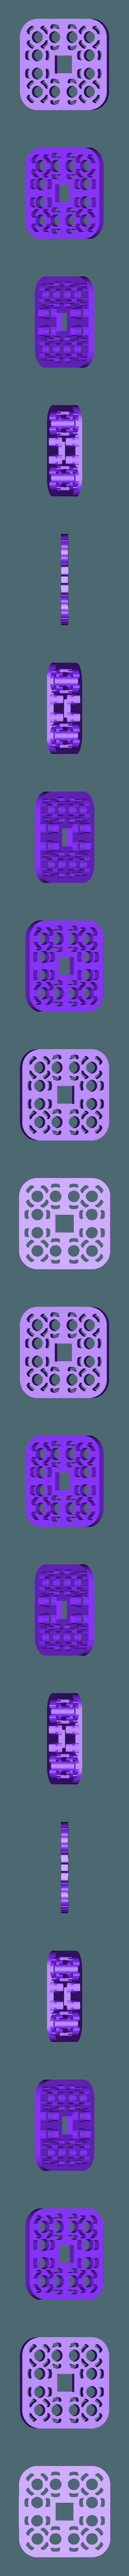 square_4_4.STL Télécharger fichier STL gratuit MEGA Expansion 200+ Pièces • Plan à imprimer en 3D, Pwentey